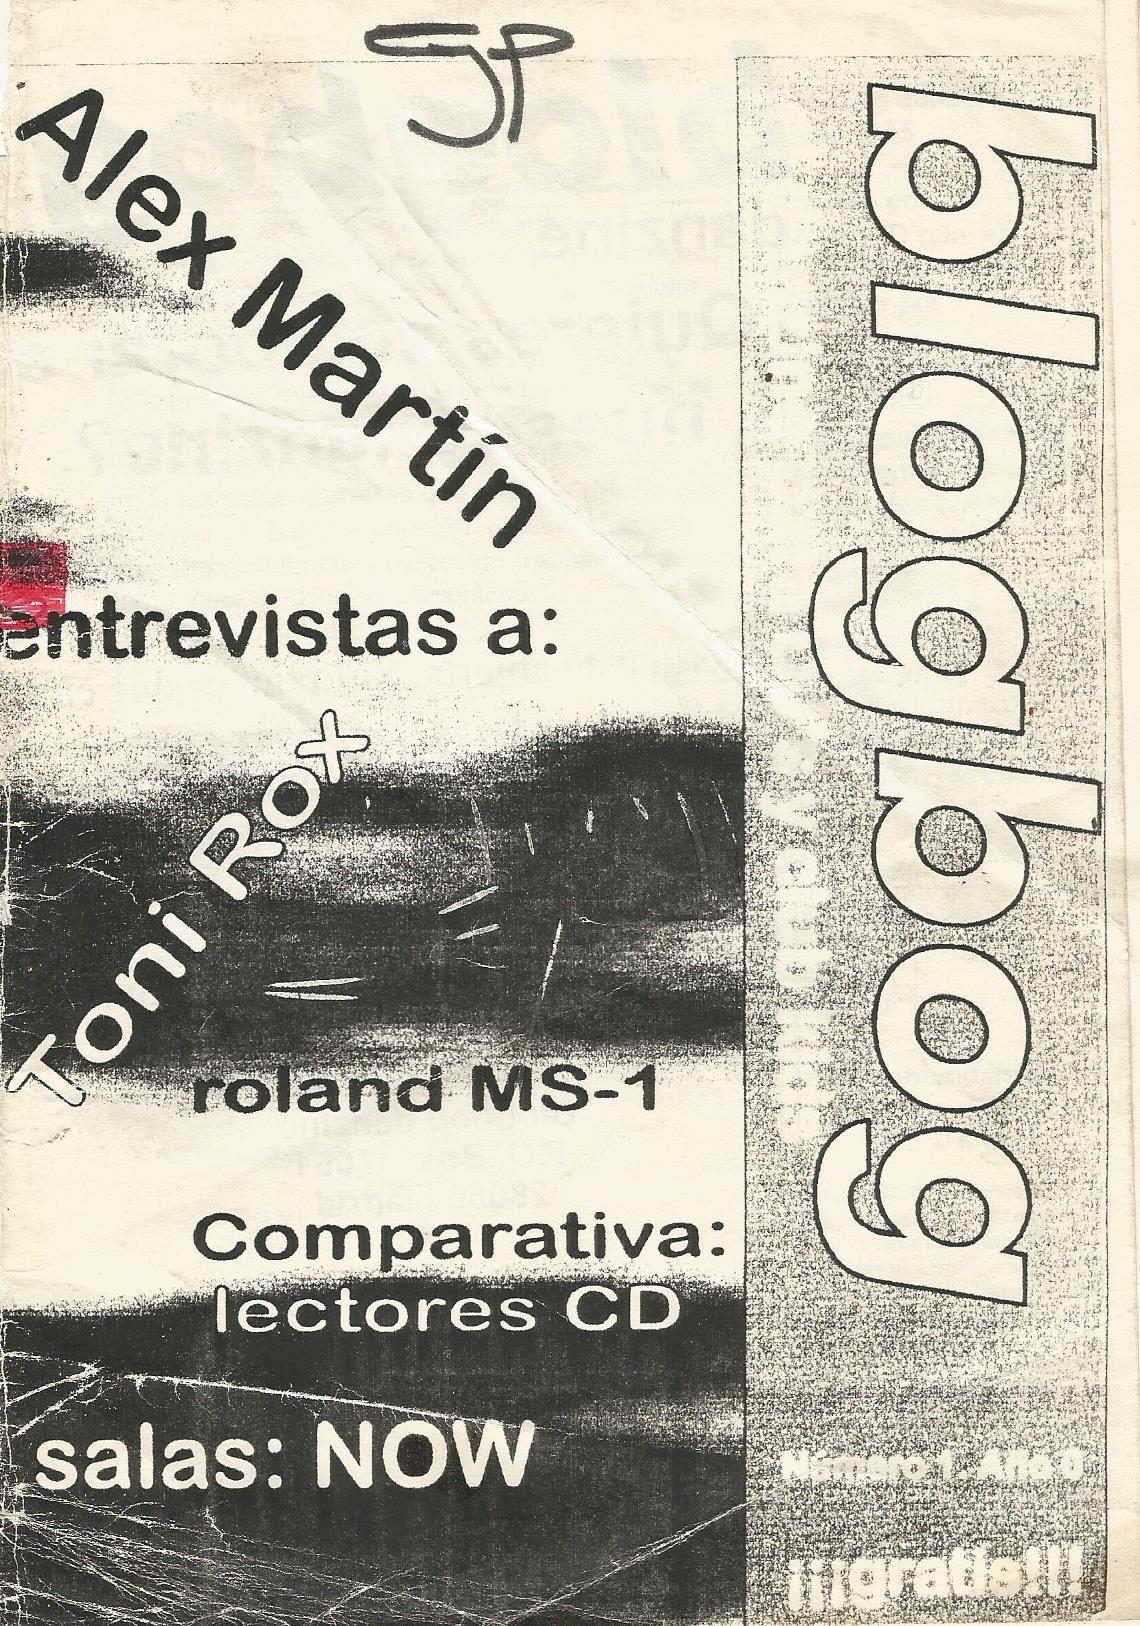 BLOGBOG FANZINE NO.01 MADRID JULIO 1995